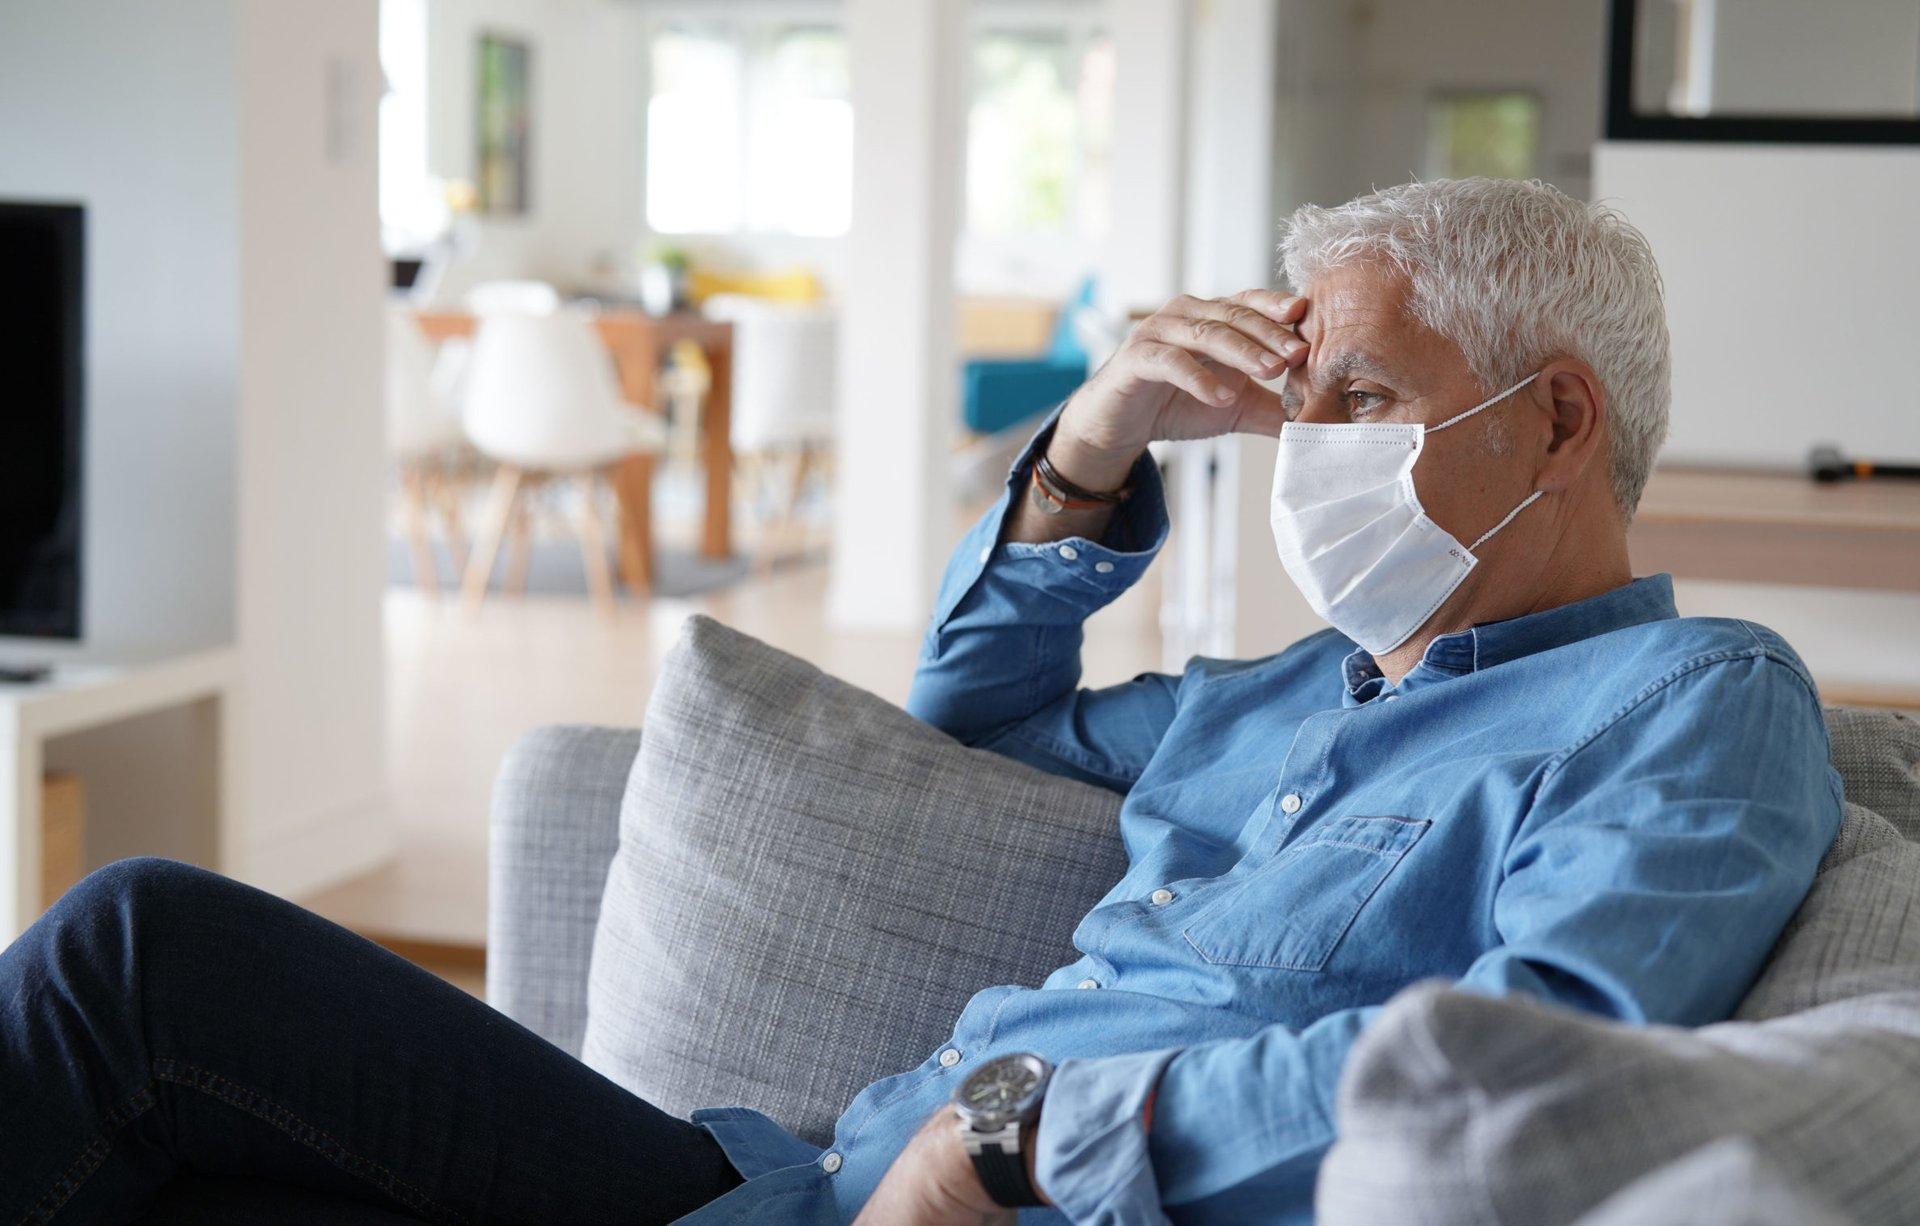 Sick senior man wearing a mask